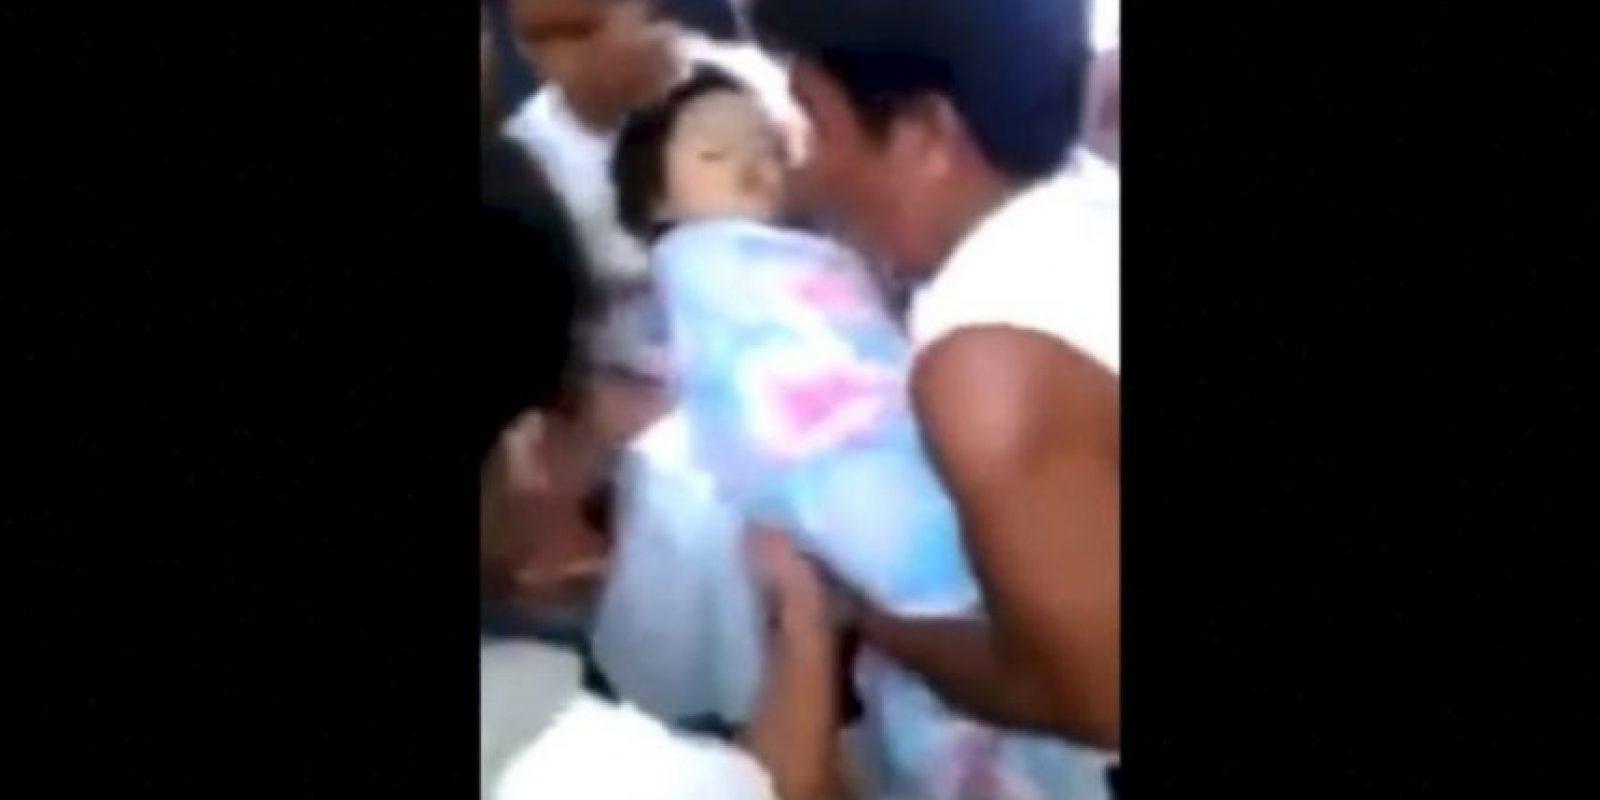 La niña se encontraba dentro de su ataúd, hasta que un familiar lo abrió para ver sus restos Foto:YouTube – Archivo